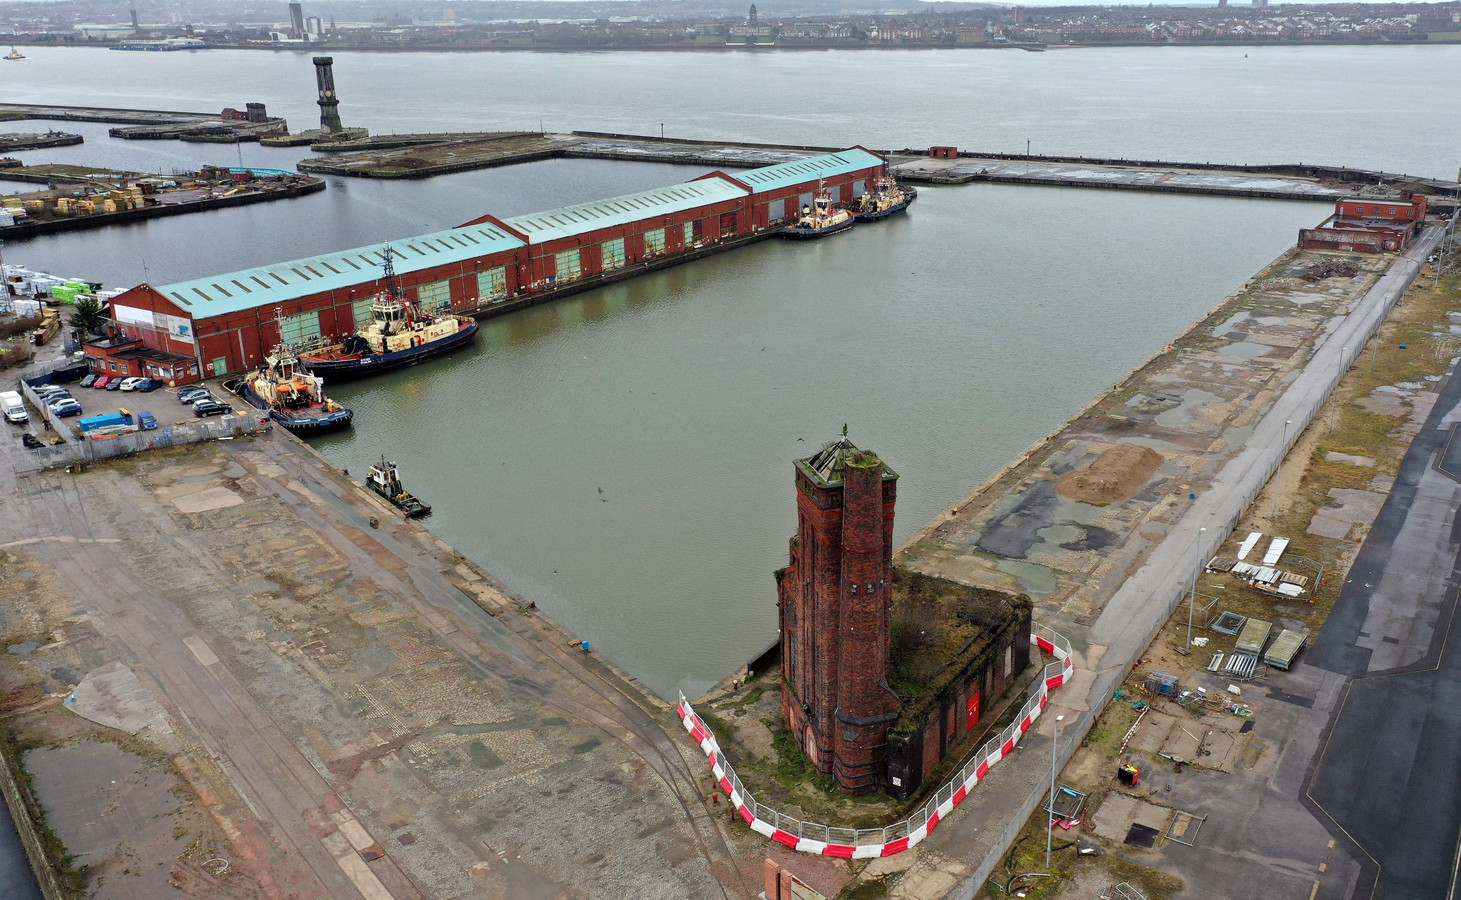 Het huidige Bramley Moore Dock, waar met instemming van gemeente en overheid het nieuwe stadion moet komen.